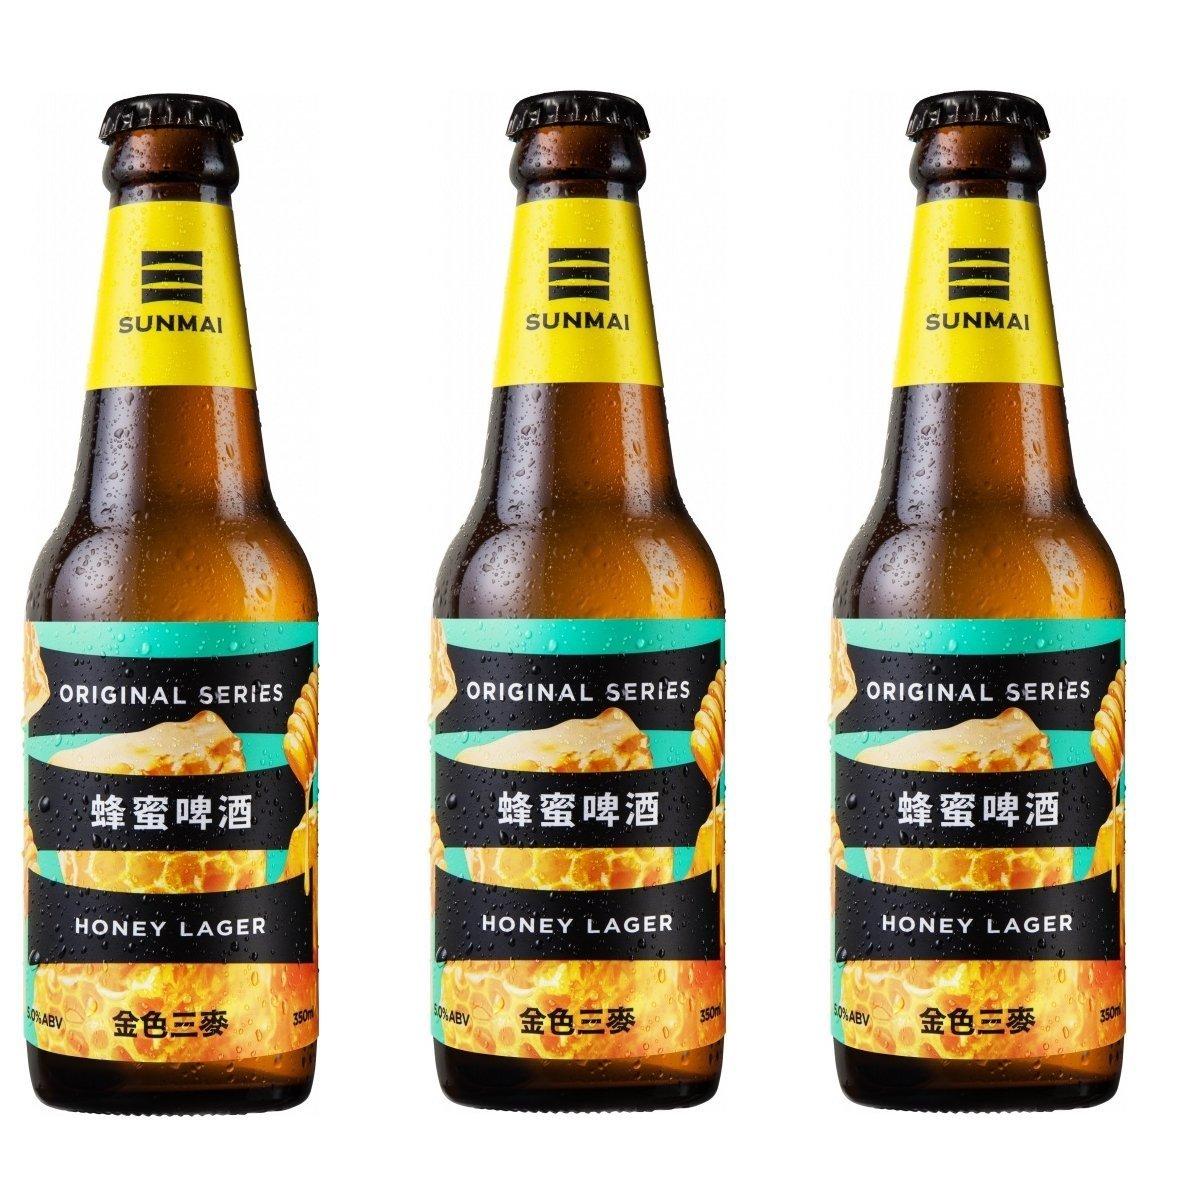 人氣No.1**蜂蜜啤酒 (Honey Lager) **台灣便利店熱賣** 人氣手工啤酒 350ml 3支裝